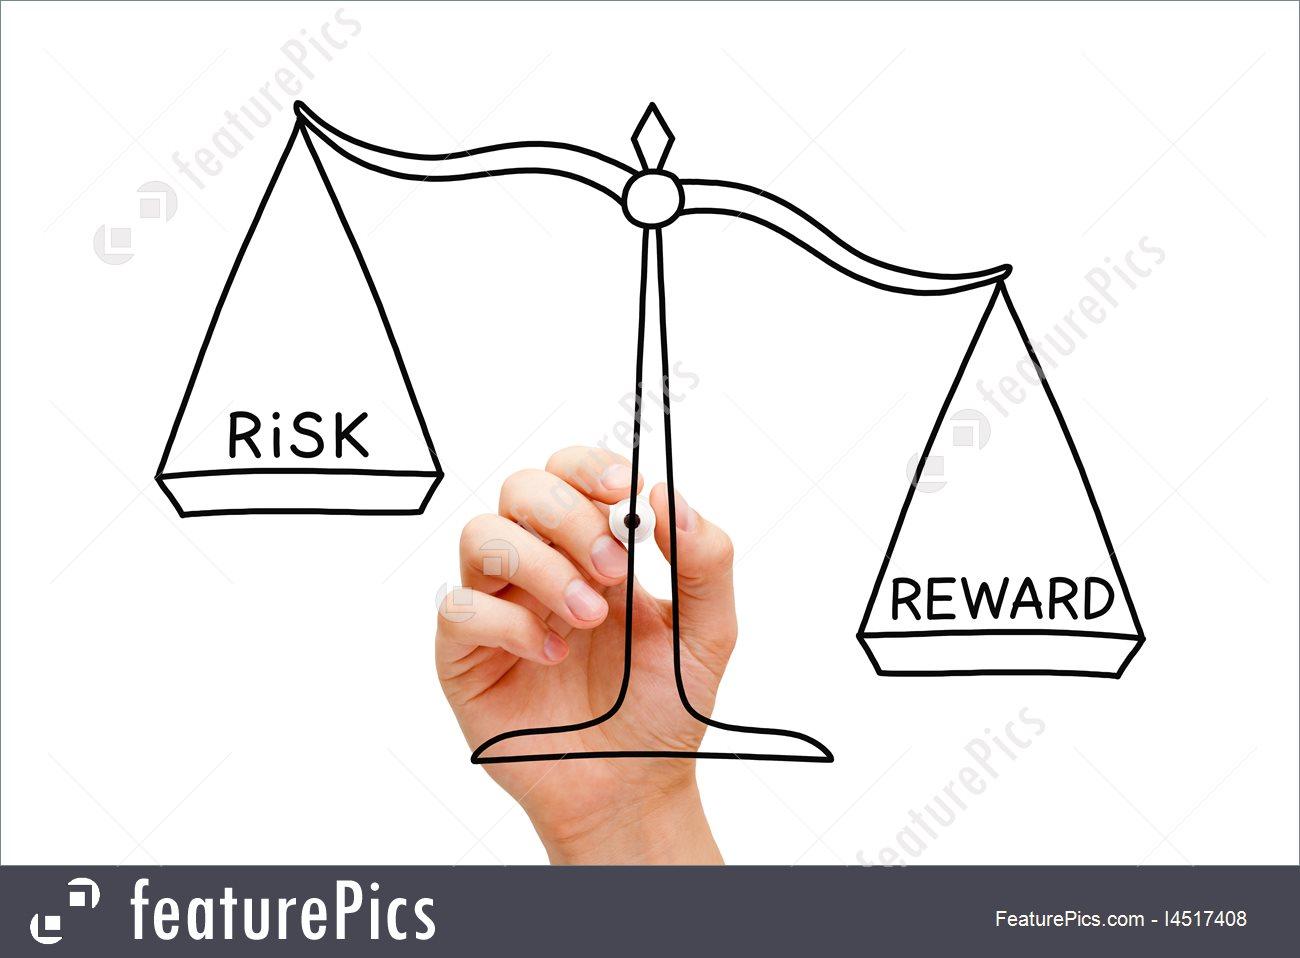 1300x958 Risk Reward Scale Concept Picture